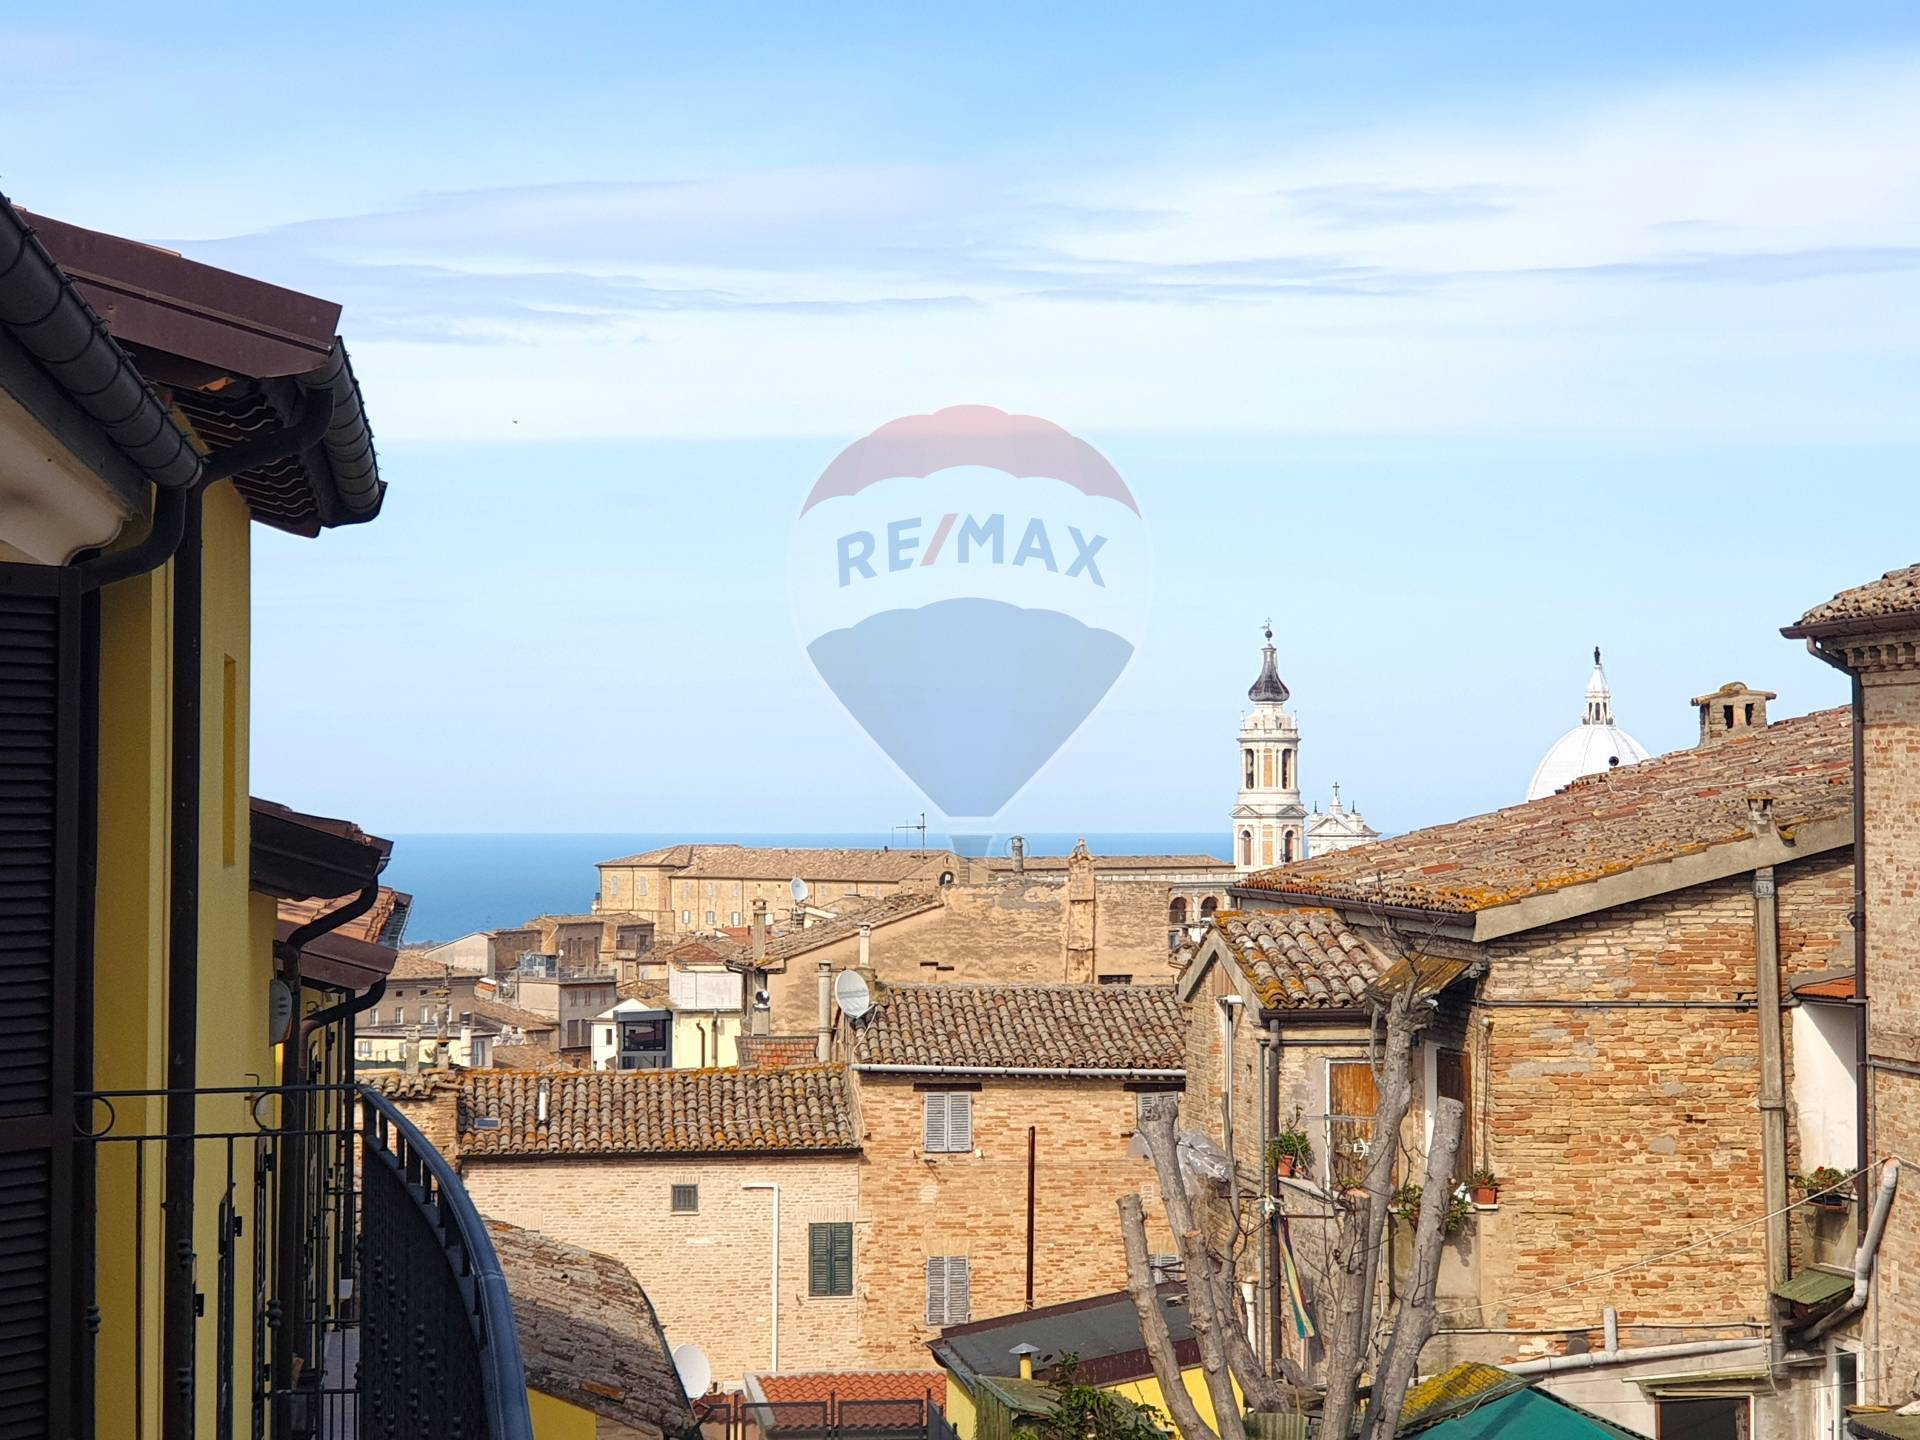 Appartamento in vendita a Loreto, 3 locali, zona Località: laPianaeMontereale, prezzo € 108.000 | CambioCasa.it